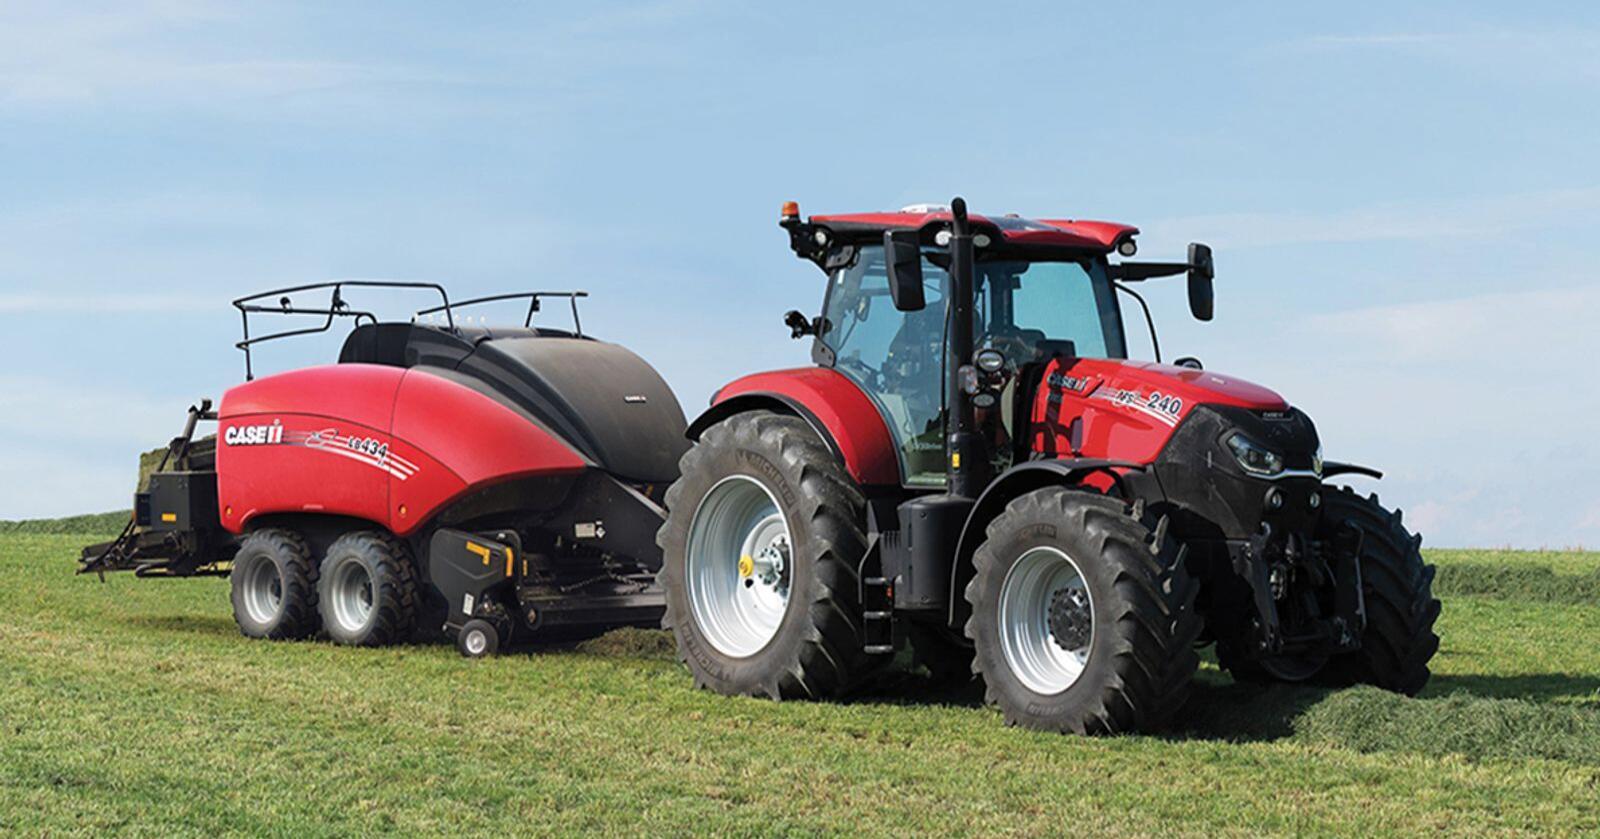 Rødt i tet: Case IH Puma 240 er Danmarks mest solgte traktormodell så langt i 2021